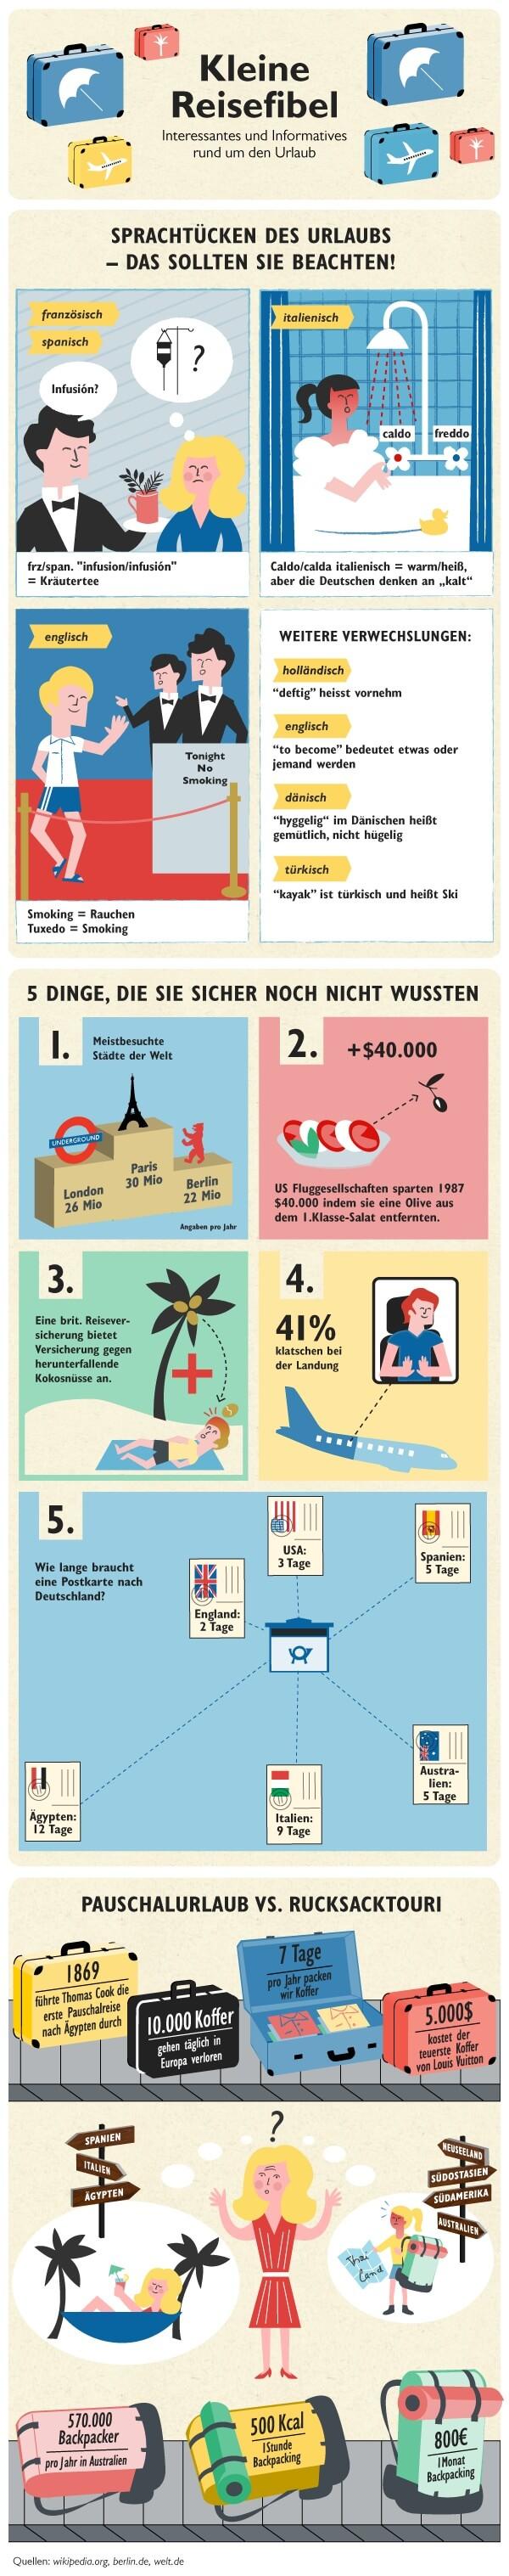 Kleine Reisefibel: Interessantes und Informatives rund um's Thema Urlaub